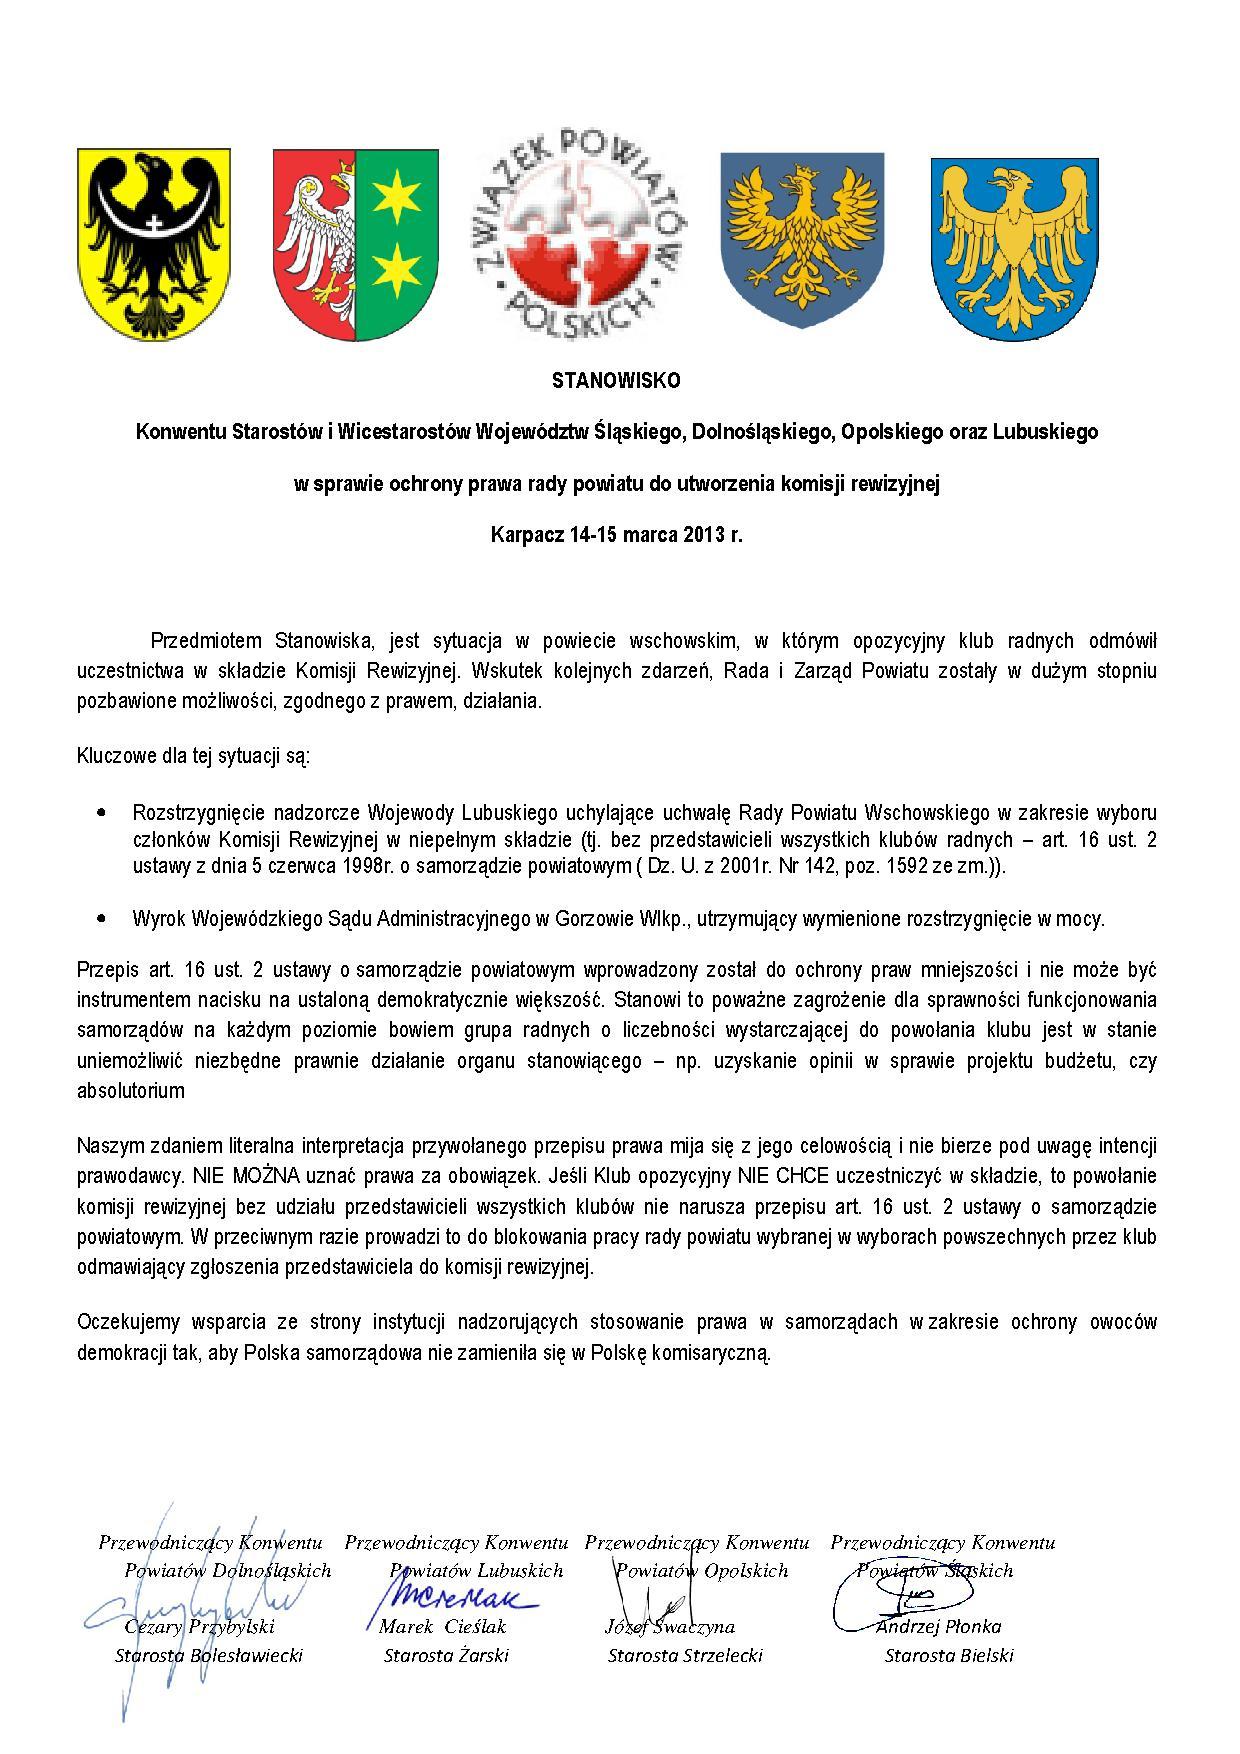 stanowisko ws. Komisji Rewizyjnej